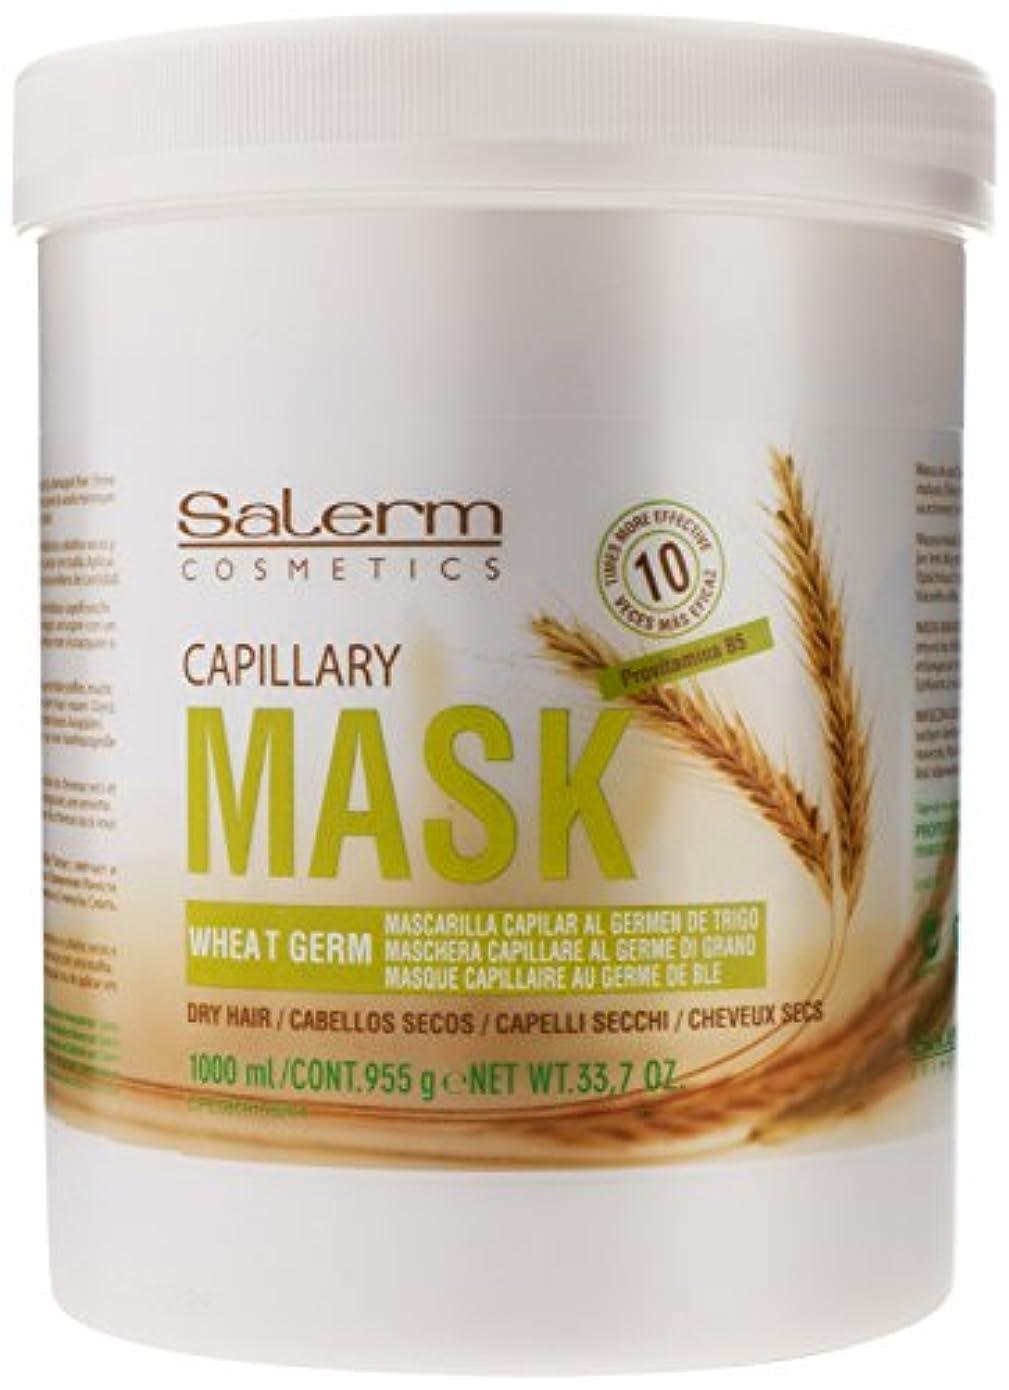 クレーンバター賞賛するSalerm 小麦胚芽Mascarilla Capilarコンディショニングトリートメント、33.7オンス